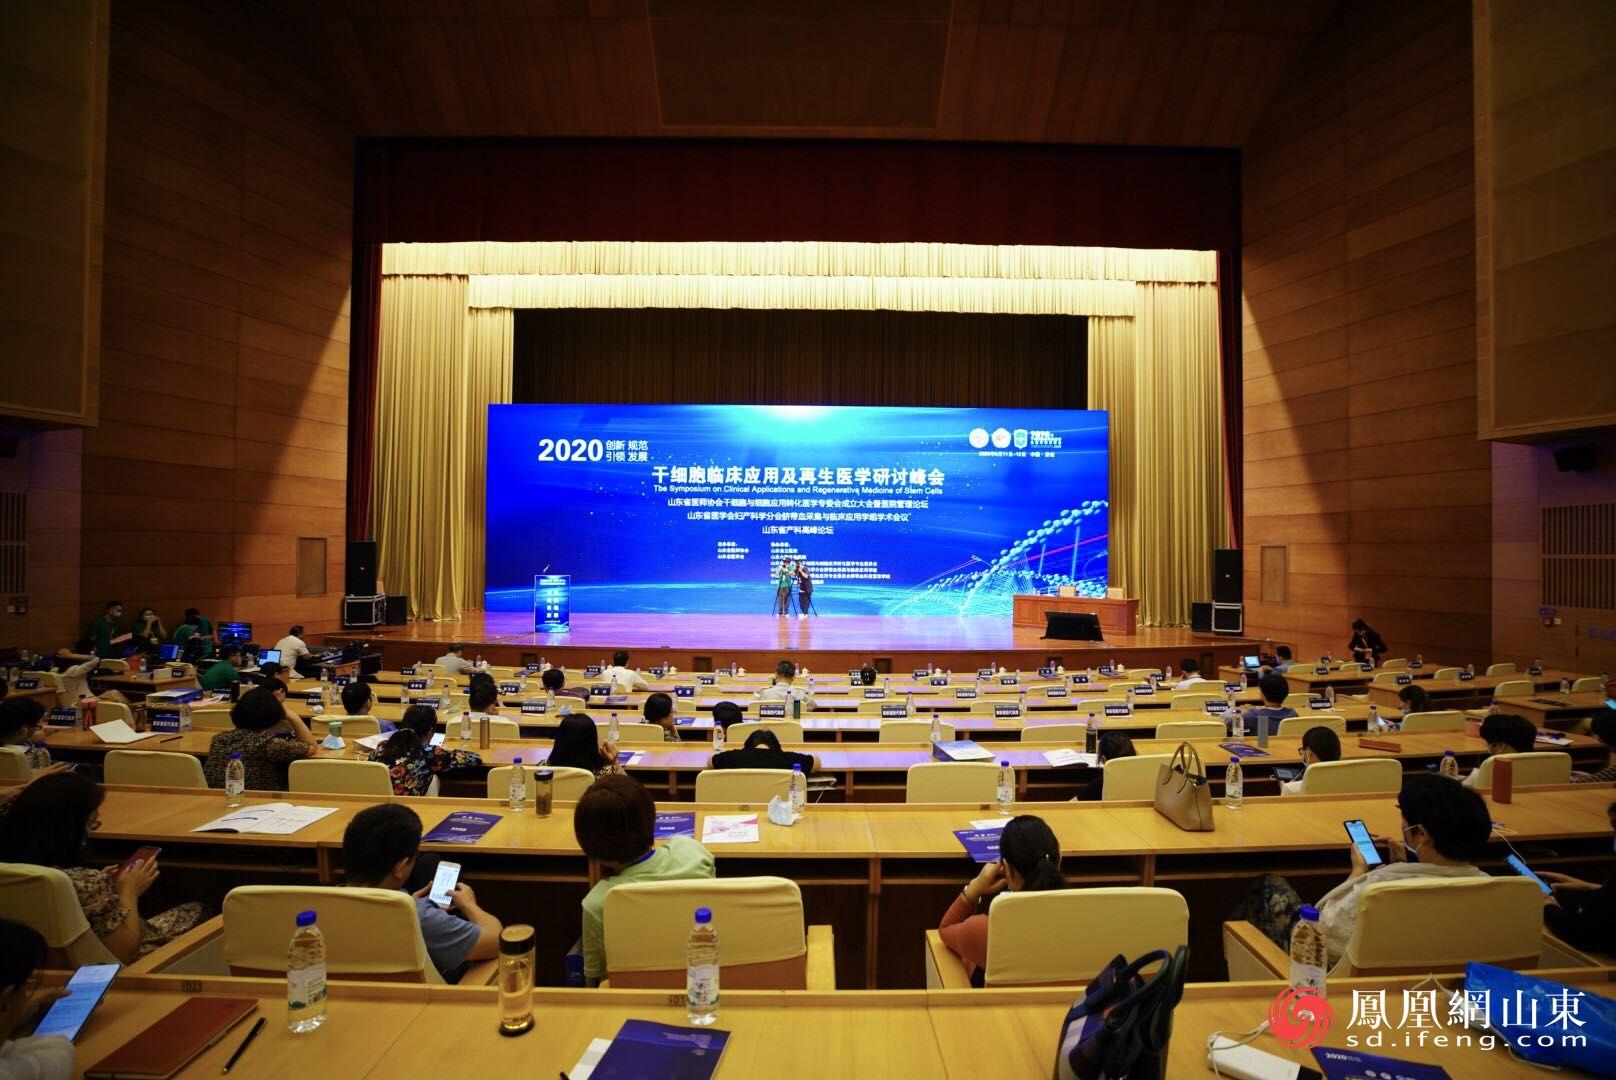 山东省妇幼保健院院长王谢桐:引领学术、汇聚人才 峰会召开意义重大